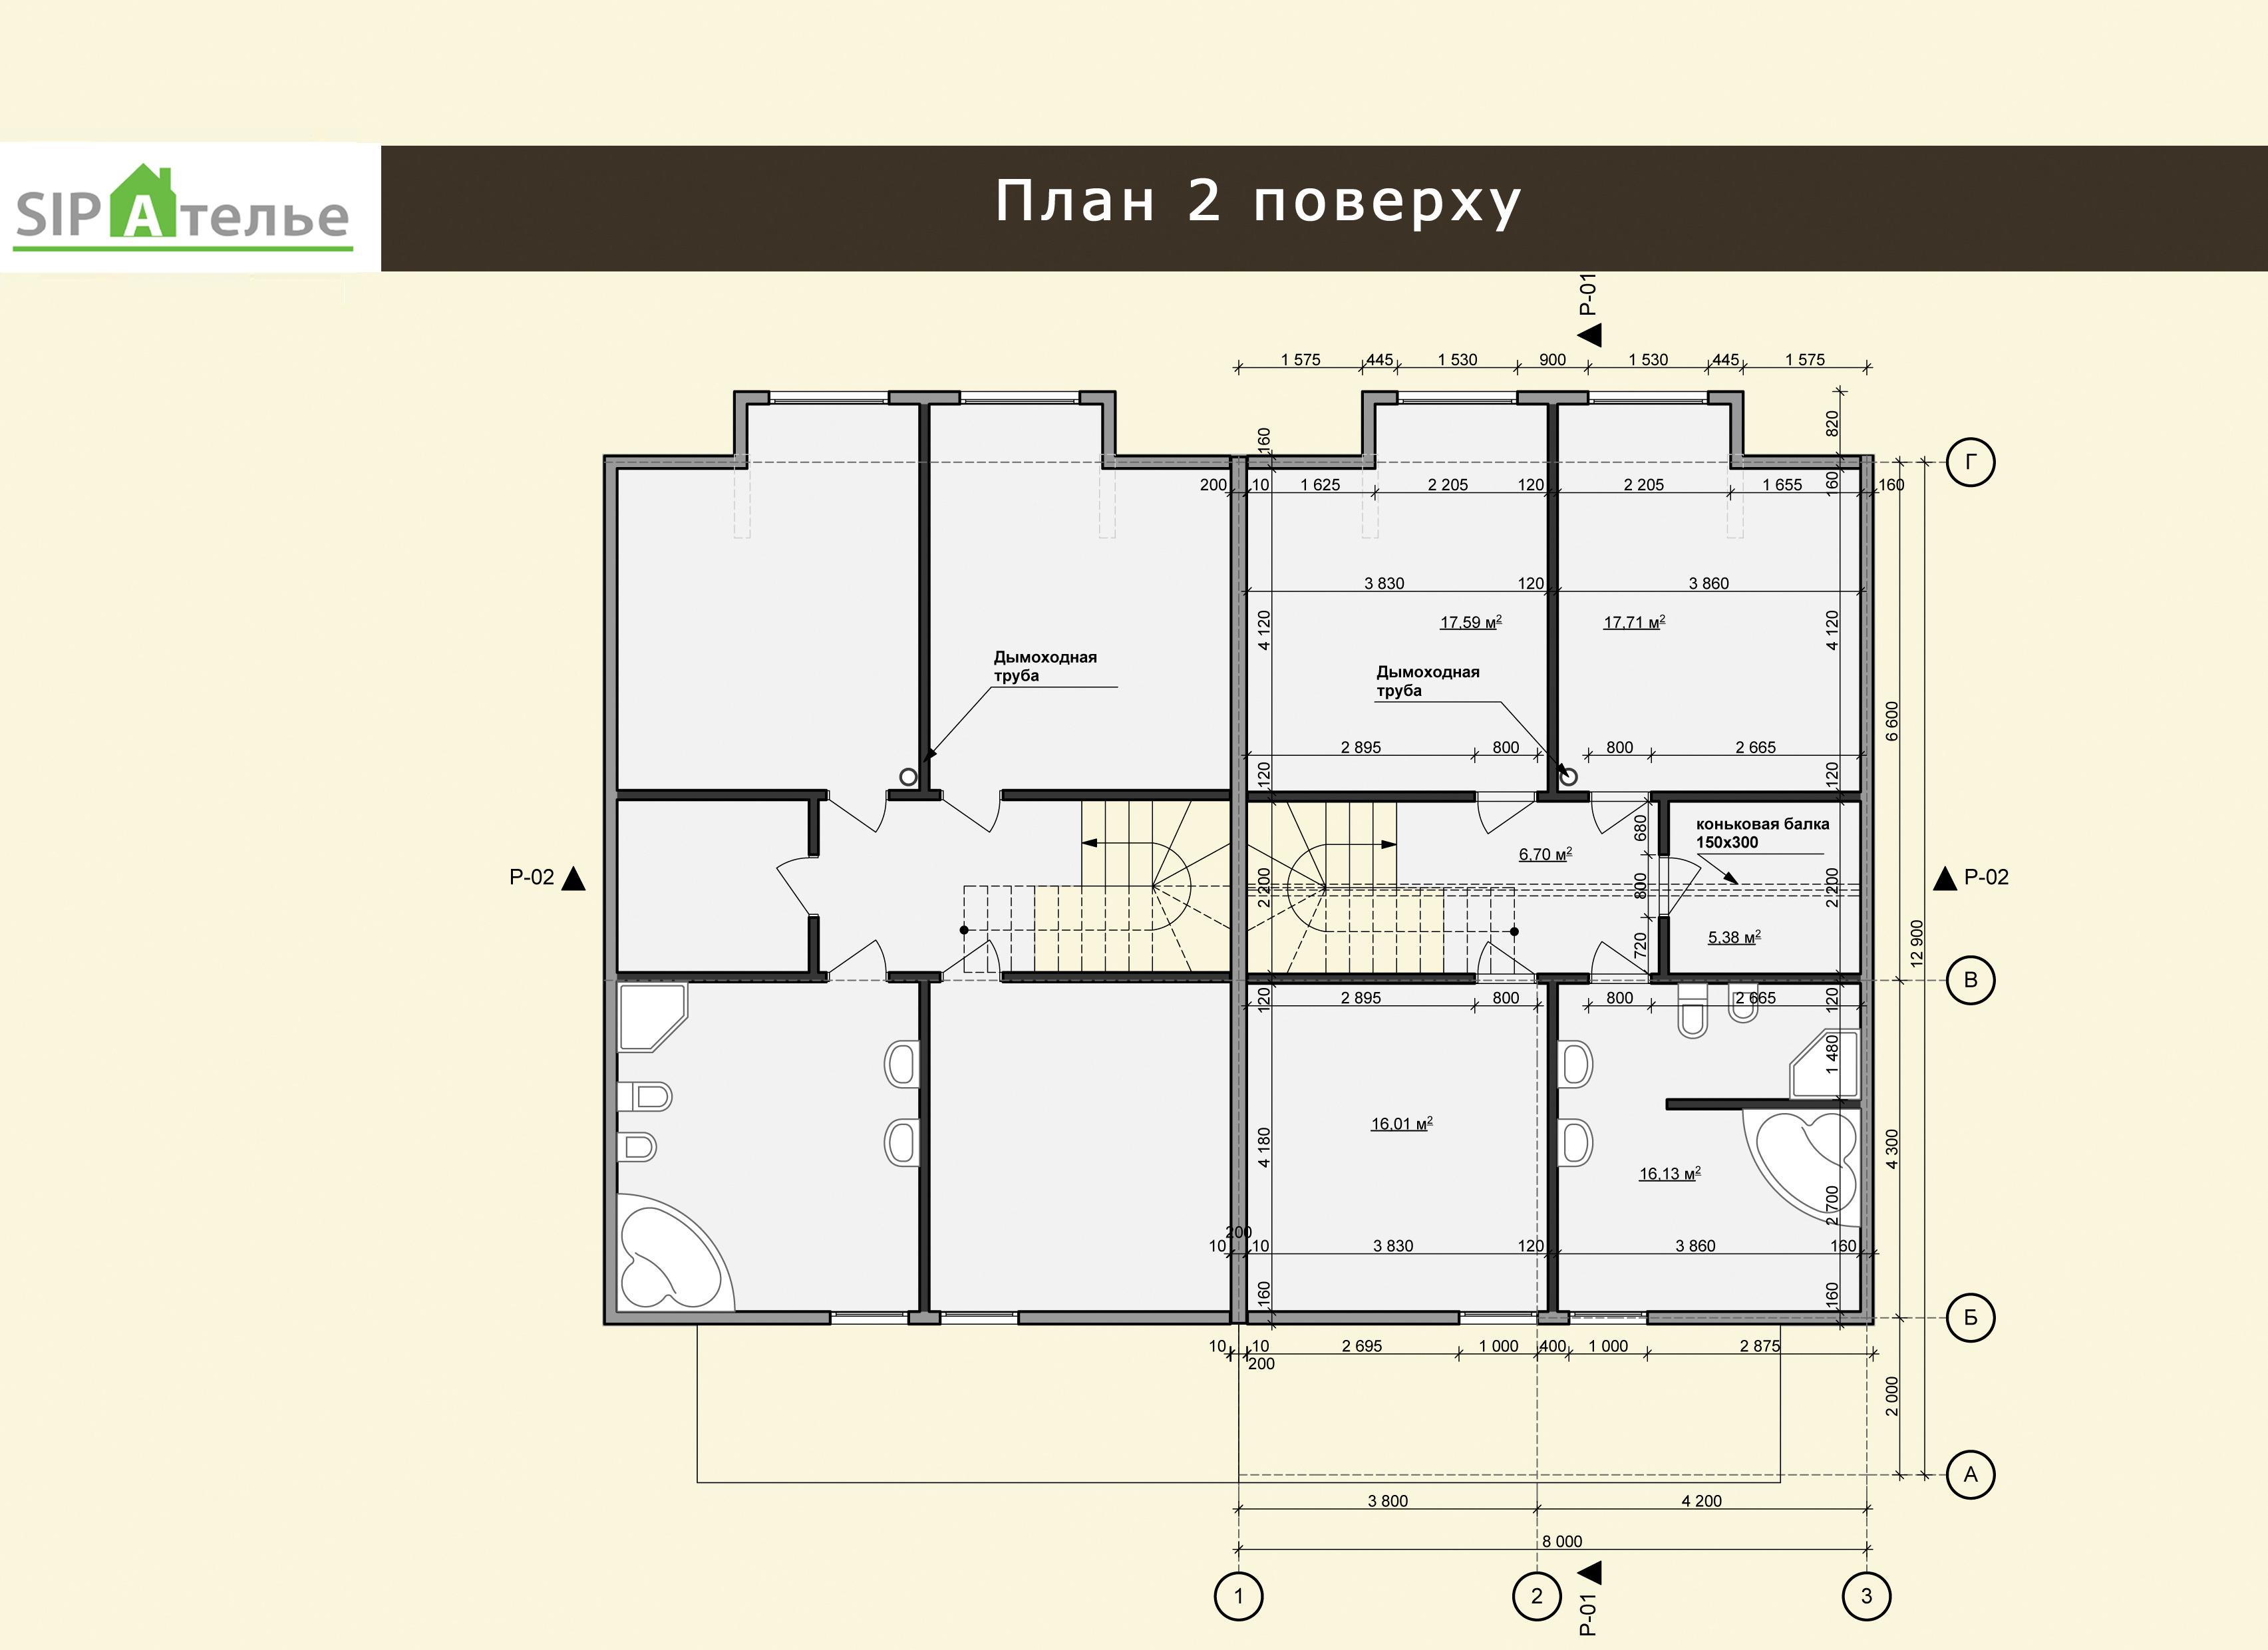 Планировка таунхауса Кьольн из сип панелей